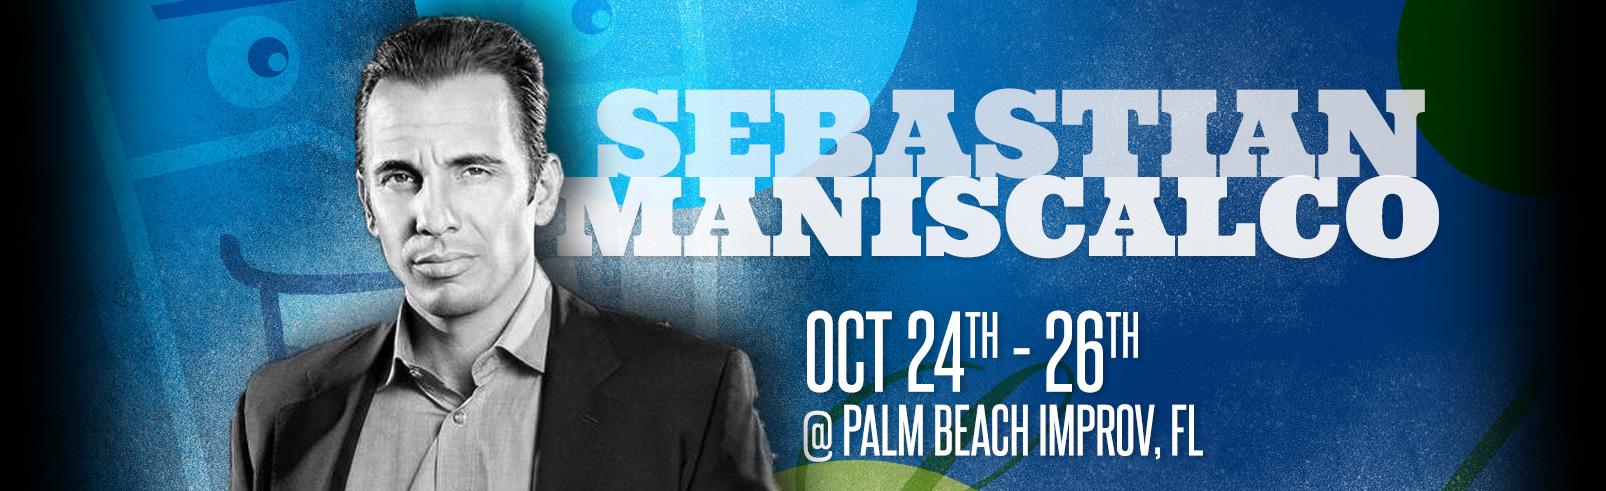 Sebastian Maniscalco @ Palm Beach Improv